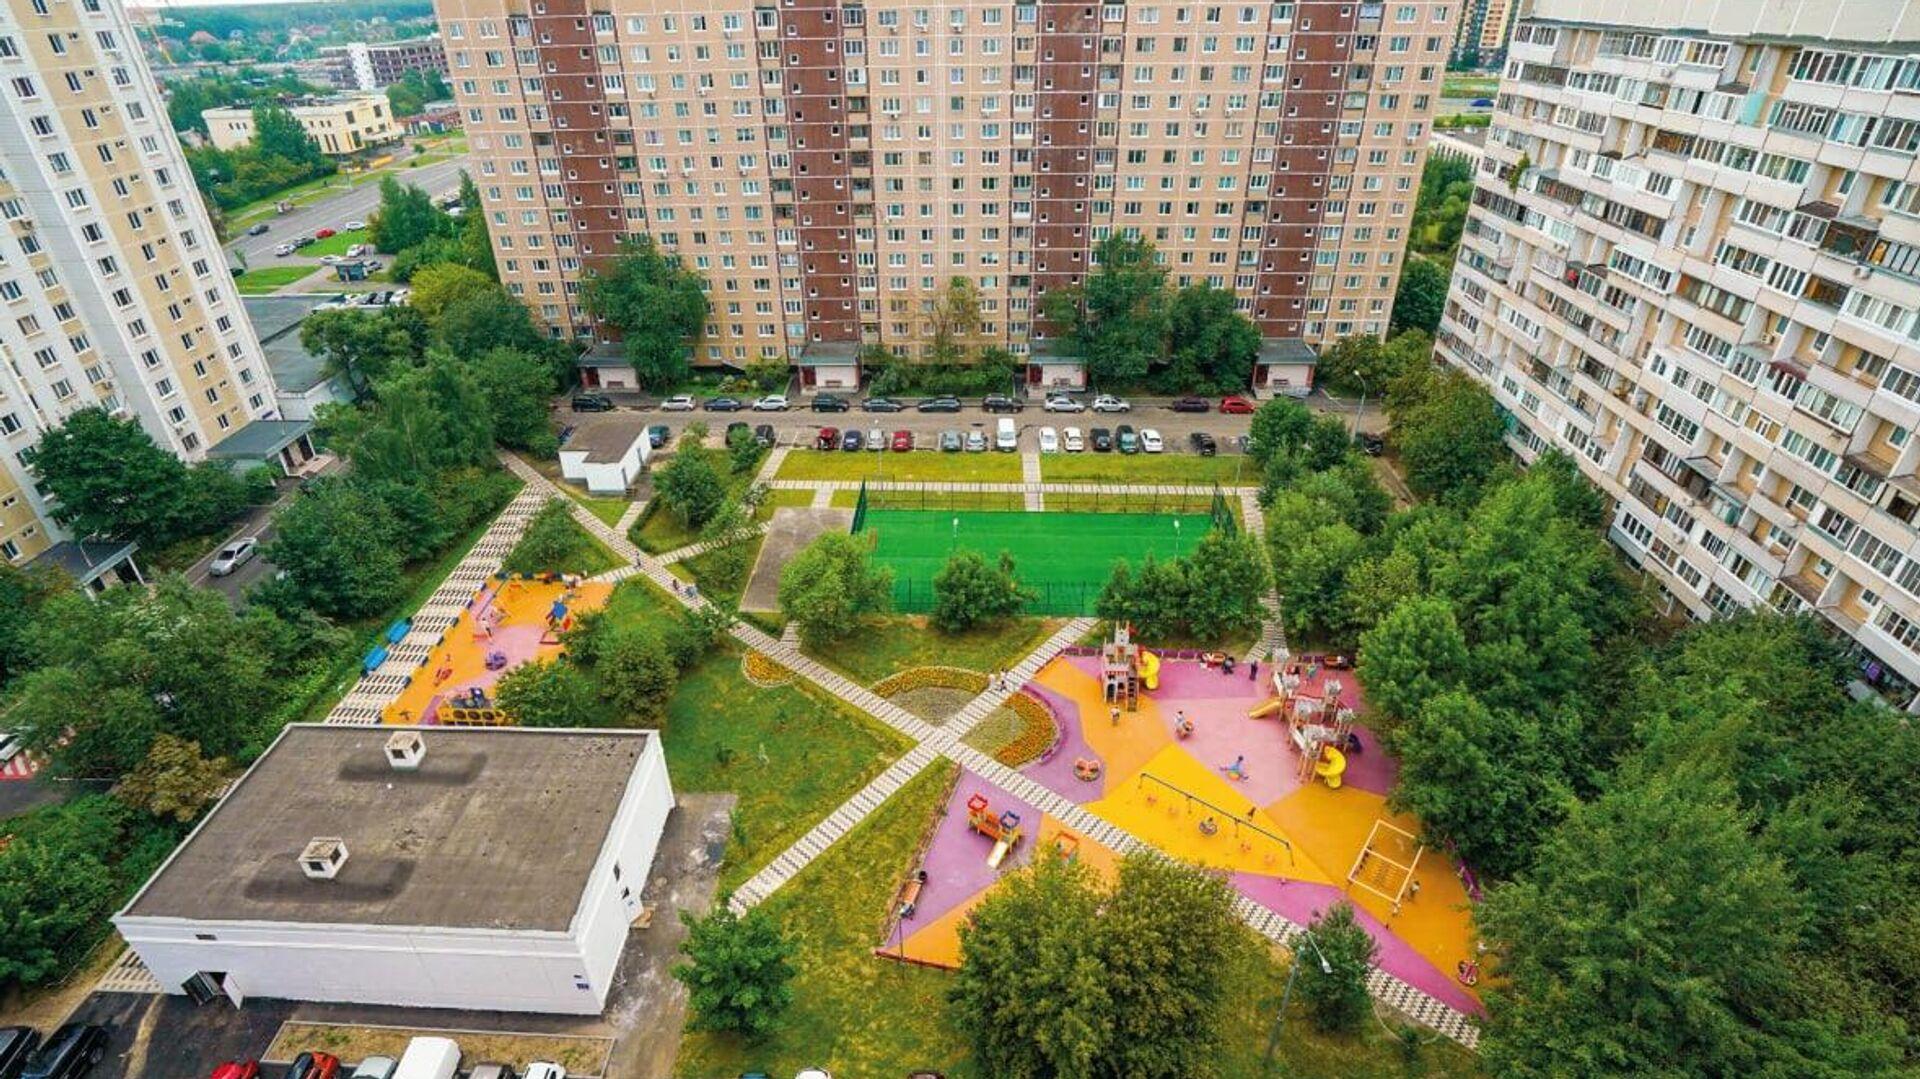 Новое общественное пространство появится в районе Ново-Переделкино - РИА Новости, 1920, 01.09.2021